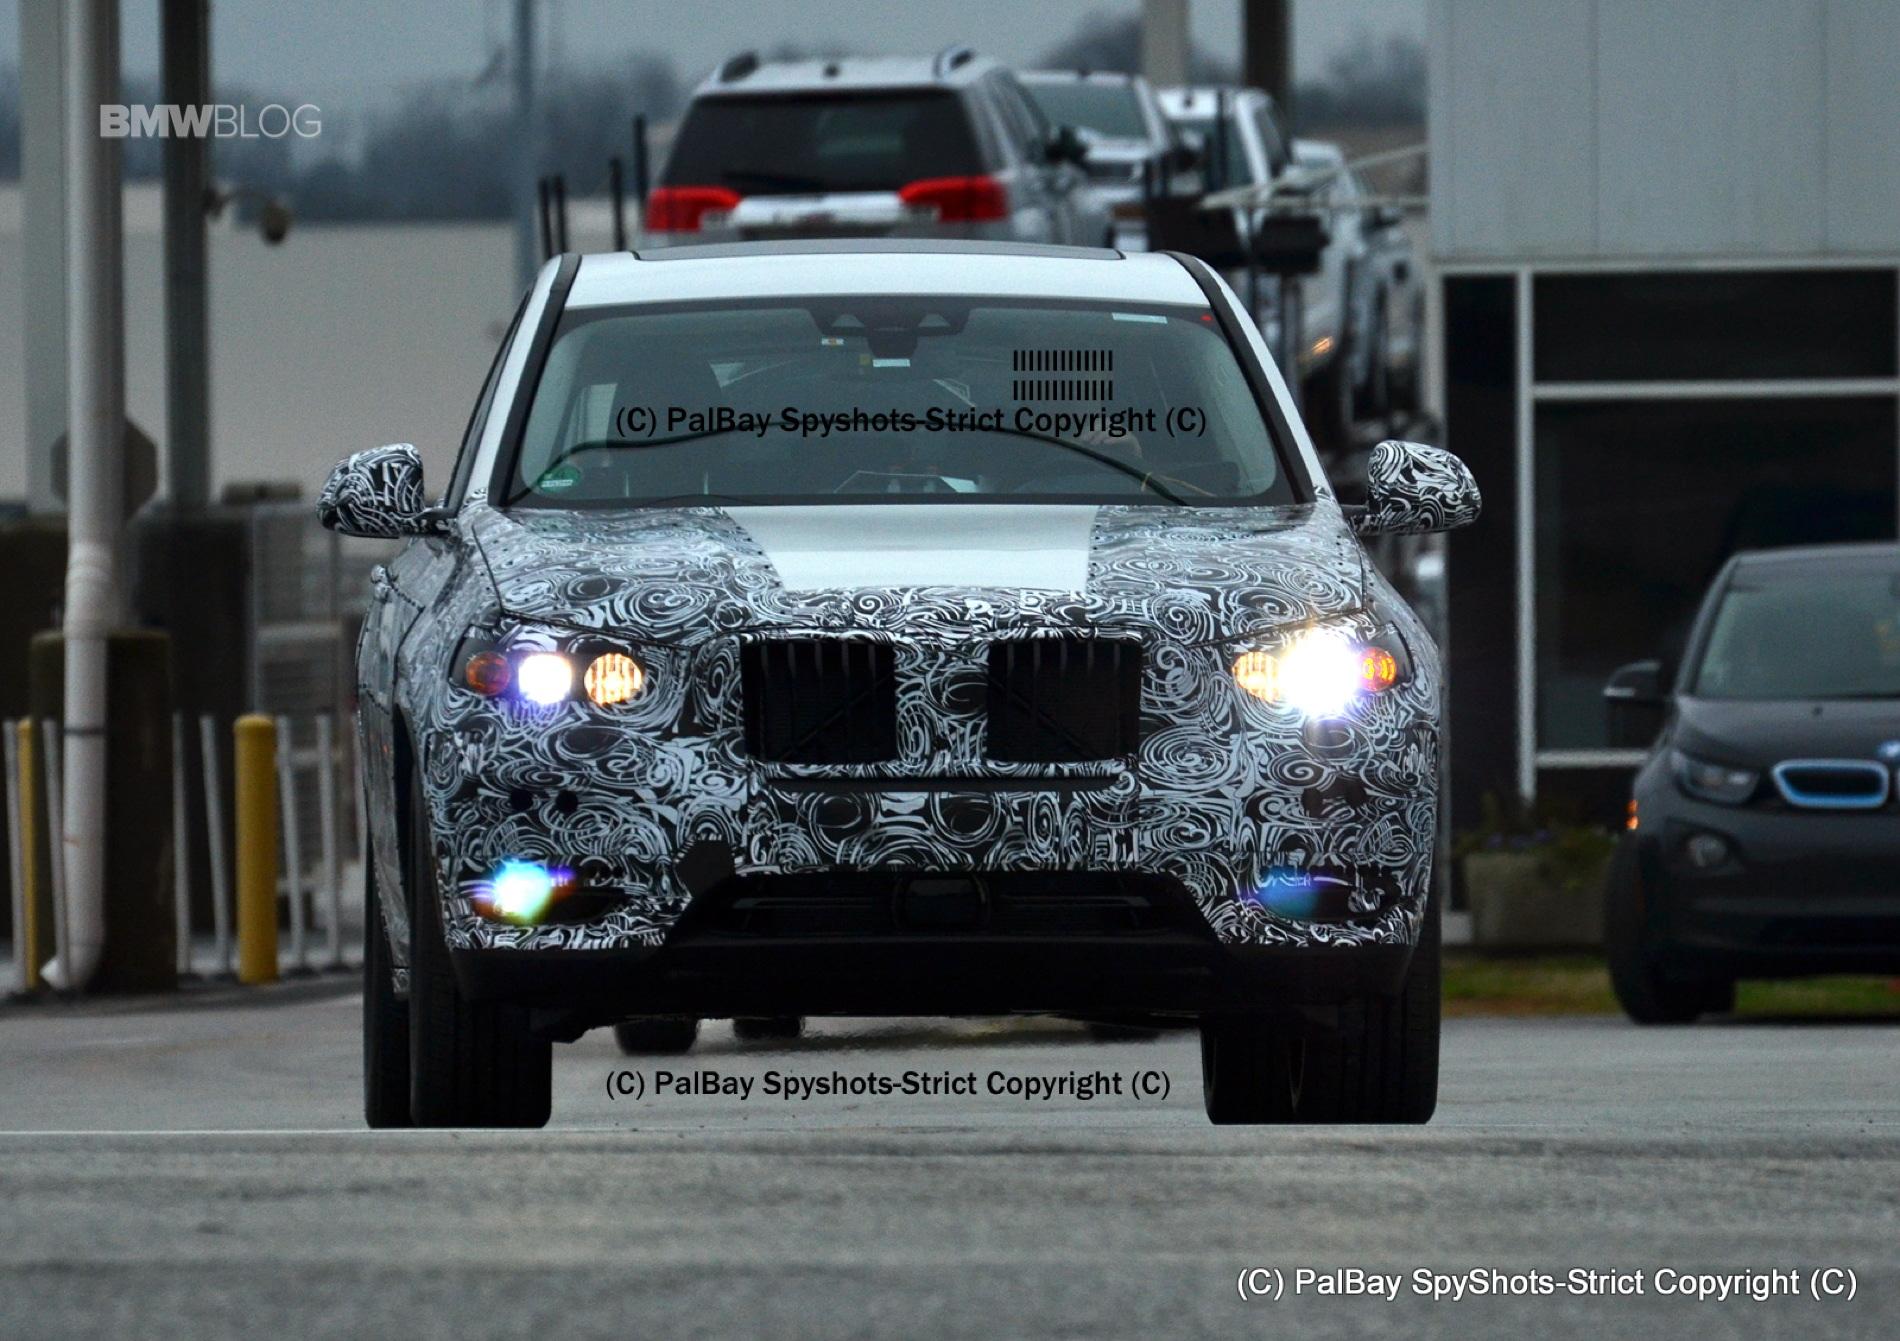 BMW X3 M40i spy photos 11